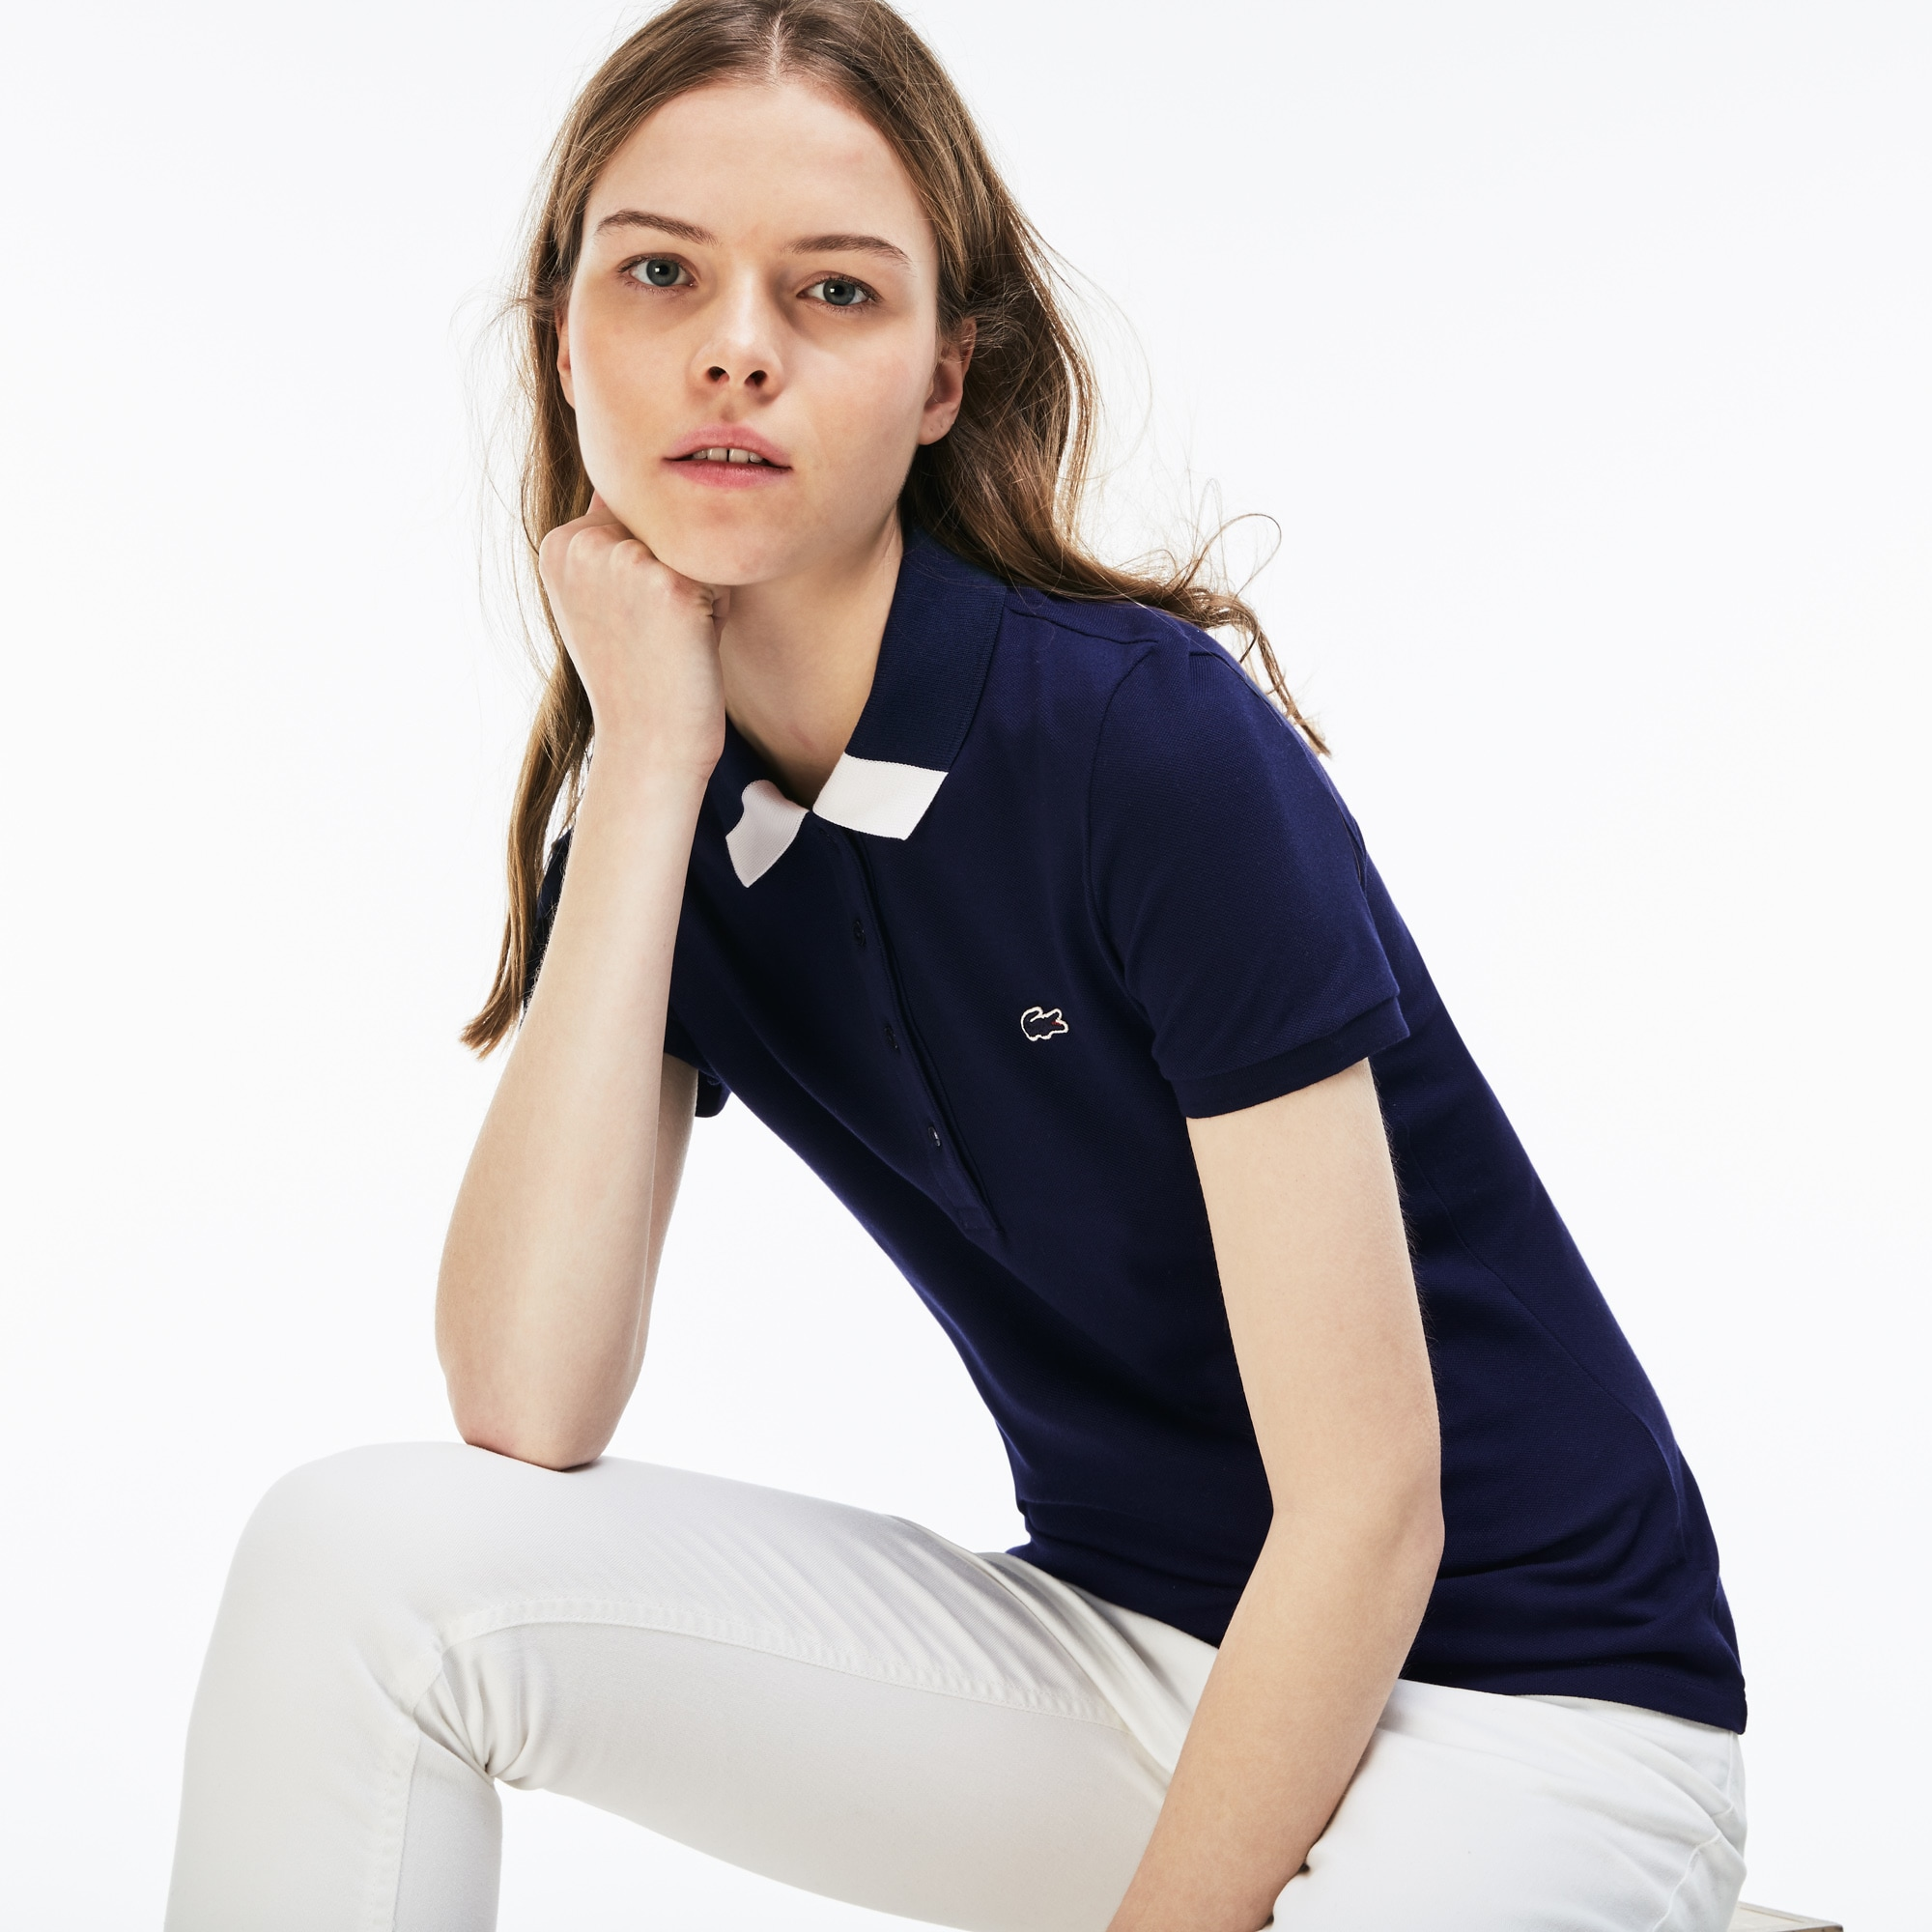 Slim Fit Damen-Polo aus Mini-Piqué mit zweifarbigem Kragen